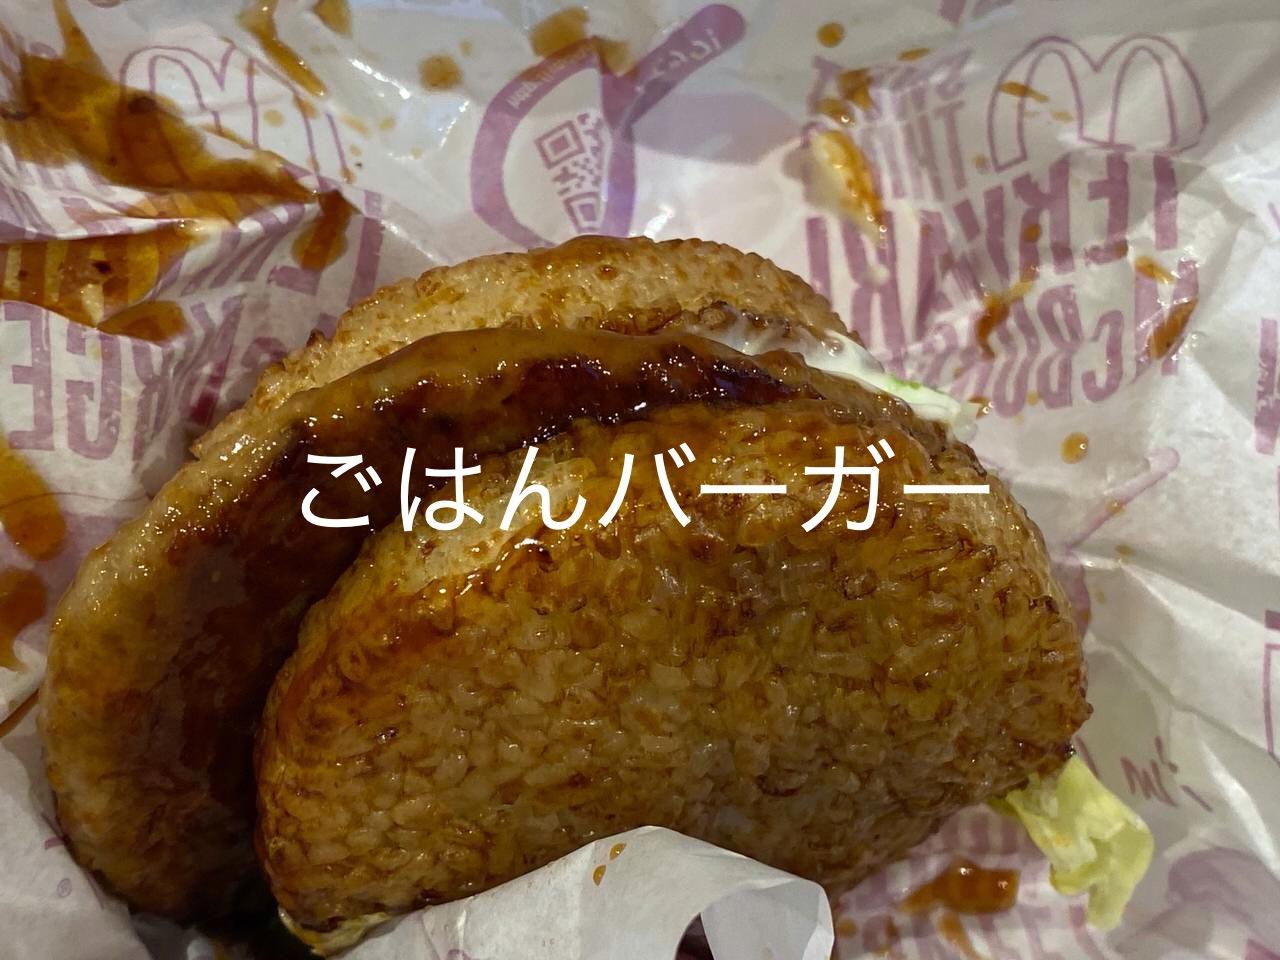 【マクドナルド】17時からの夜マックで「ごはんバーガー」を食べたら想像を絶する熱さで思わず笑った話